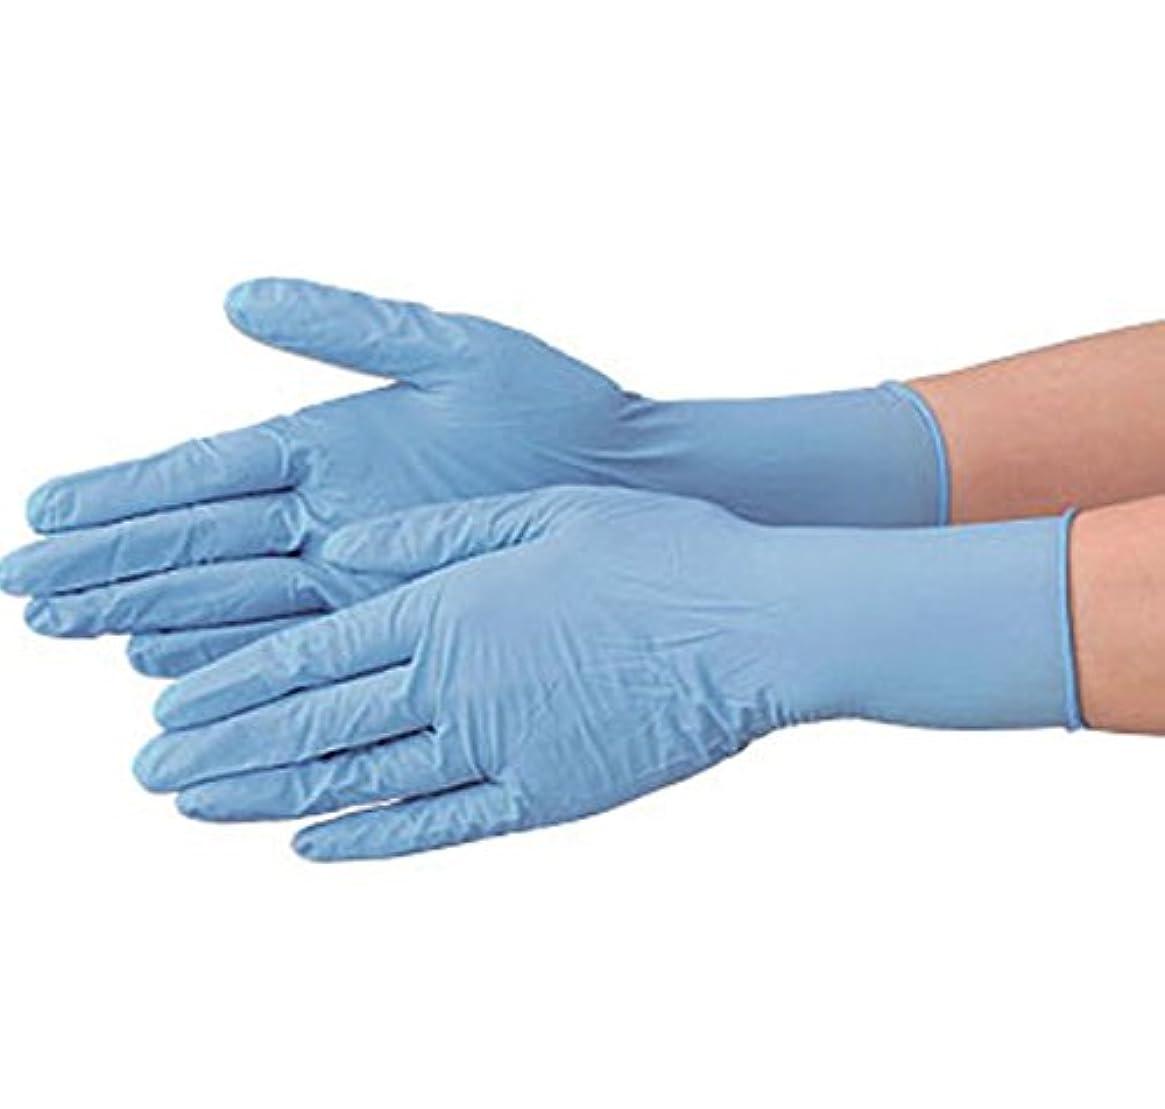 悲しみ申し立てる牧師使い捨て 手袋 エブノ 520 ニトリル 極薄手袋 パウダーフリー ブルー Lサイズ 2ケース(100枚×40箱)